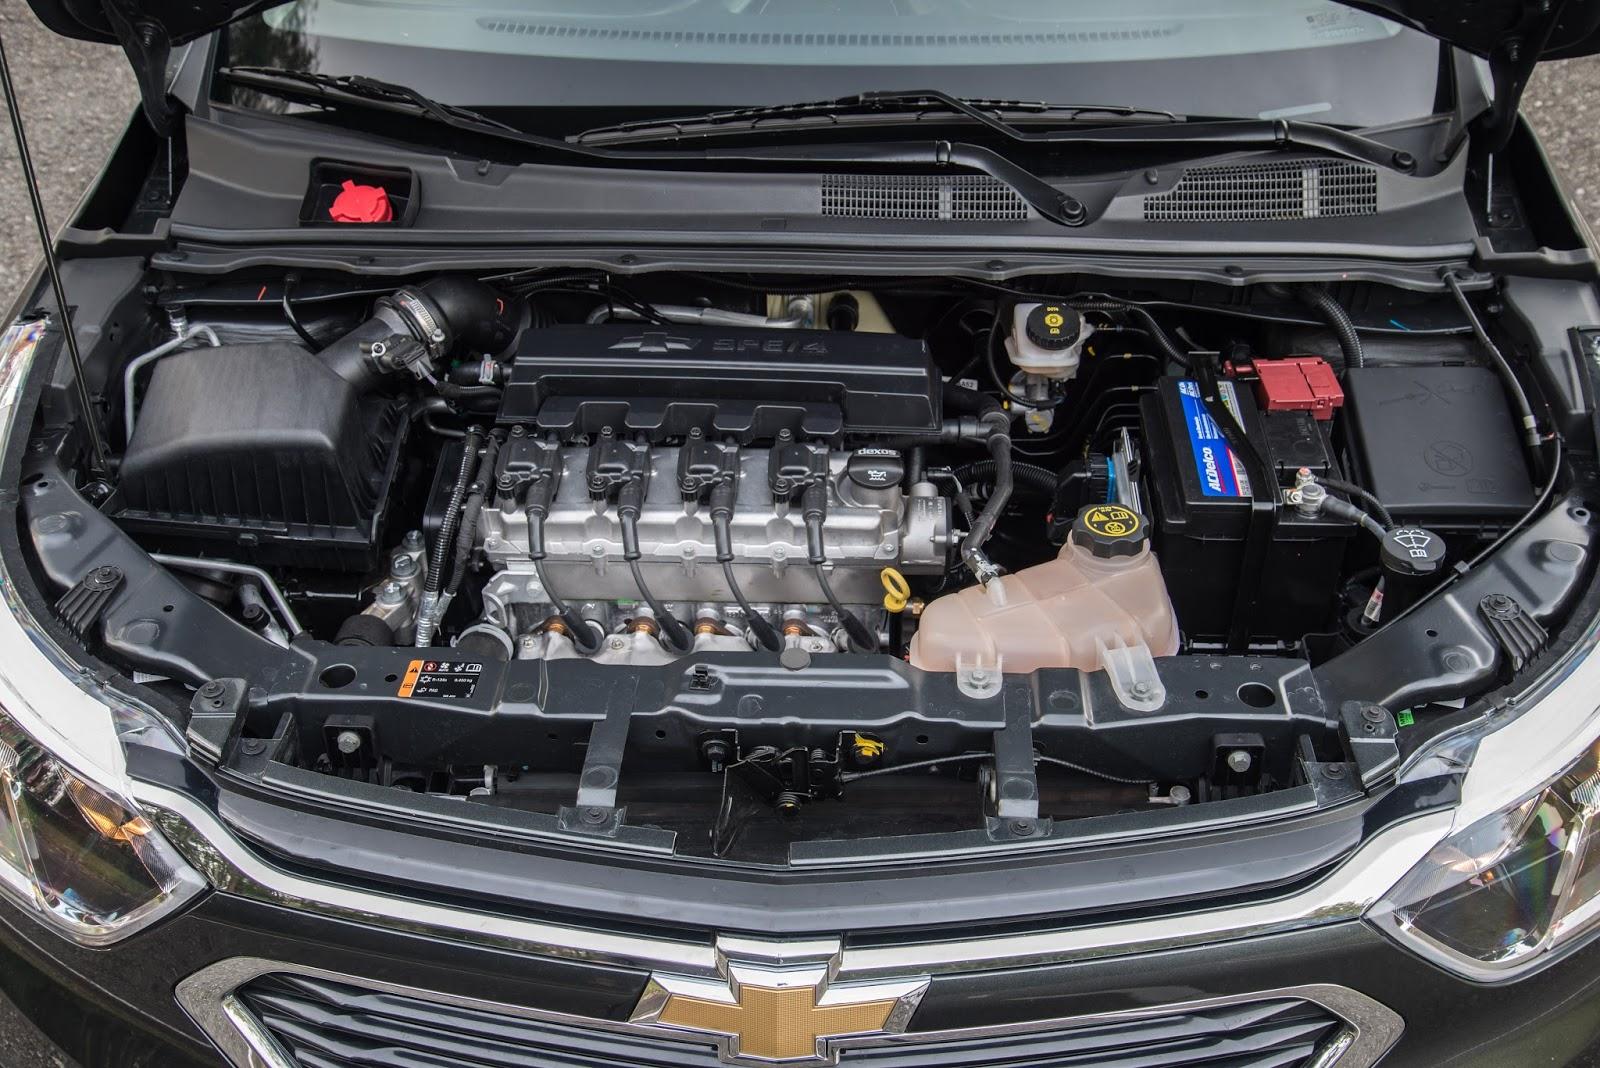 ... rolamentos, pneus de baixa resistência à rodagem e redução de peso em  cerca de 100 componentes, que deixaram a Spin 33 quilos mais leve, e o  Cobalt, ... eb2d473f3c